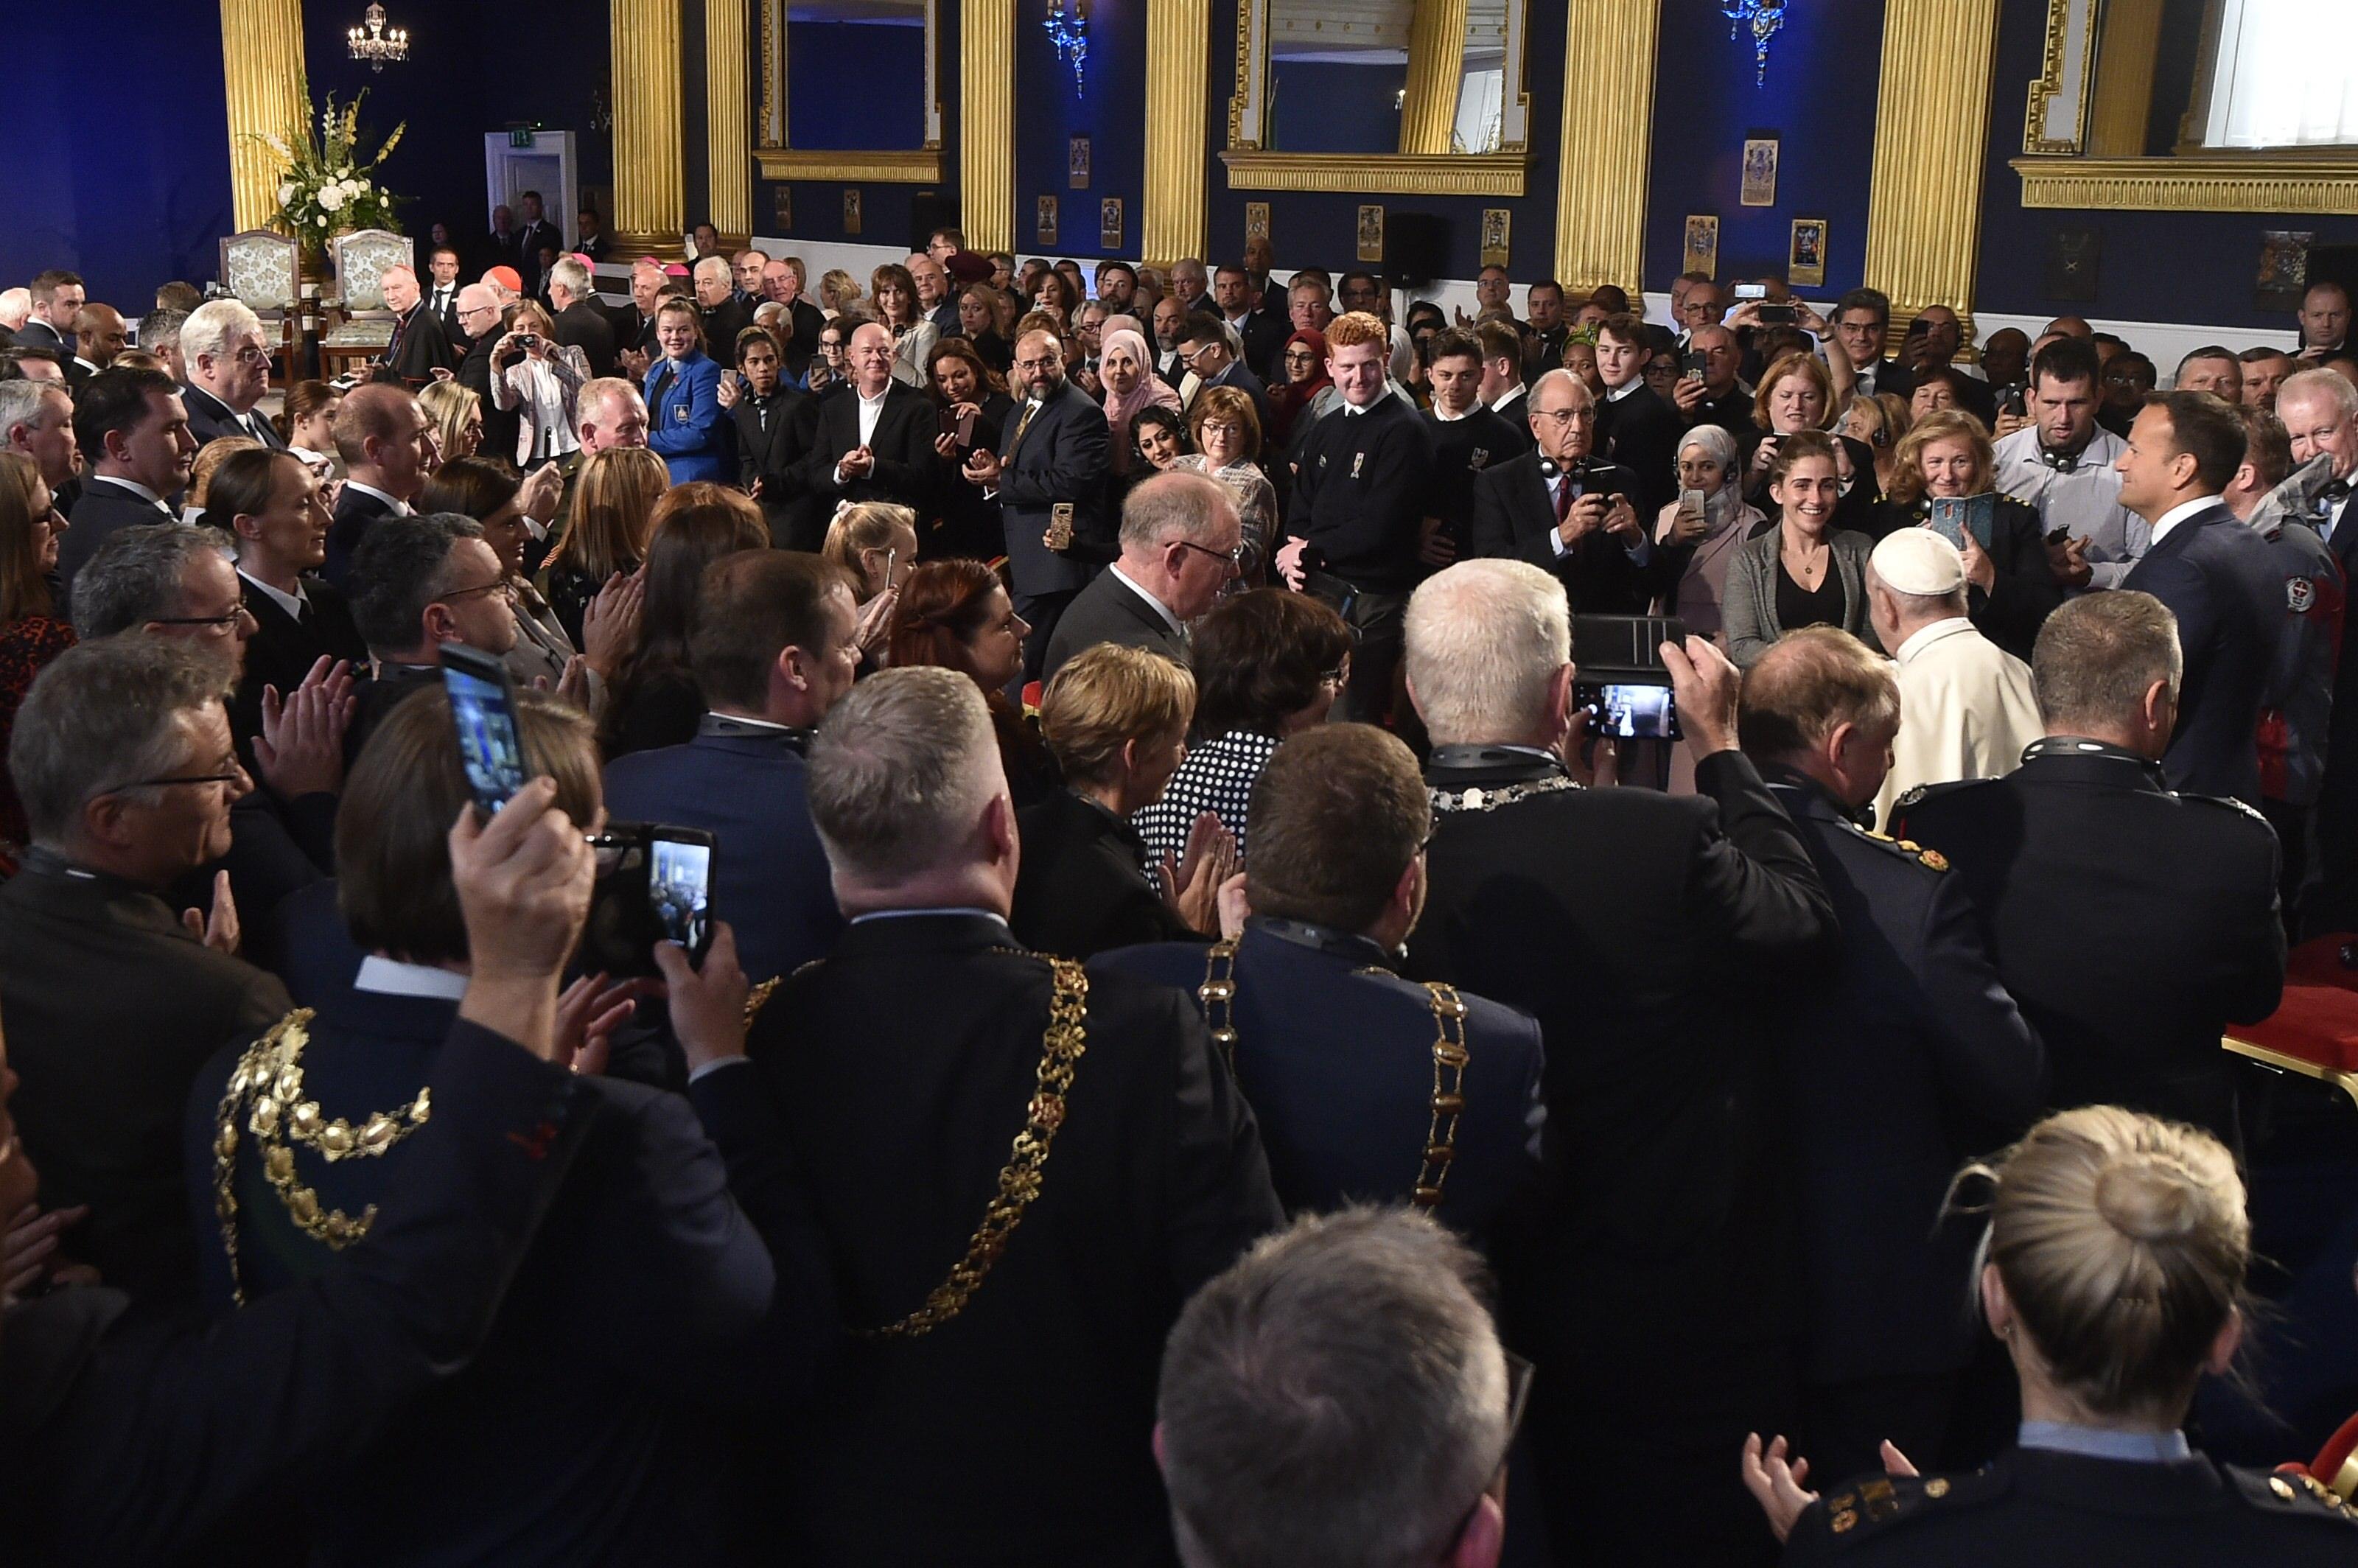 Rencontre avec les autorités d'Irlande, Dublin © Vatican Media